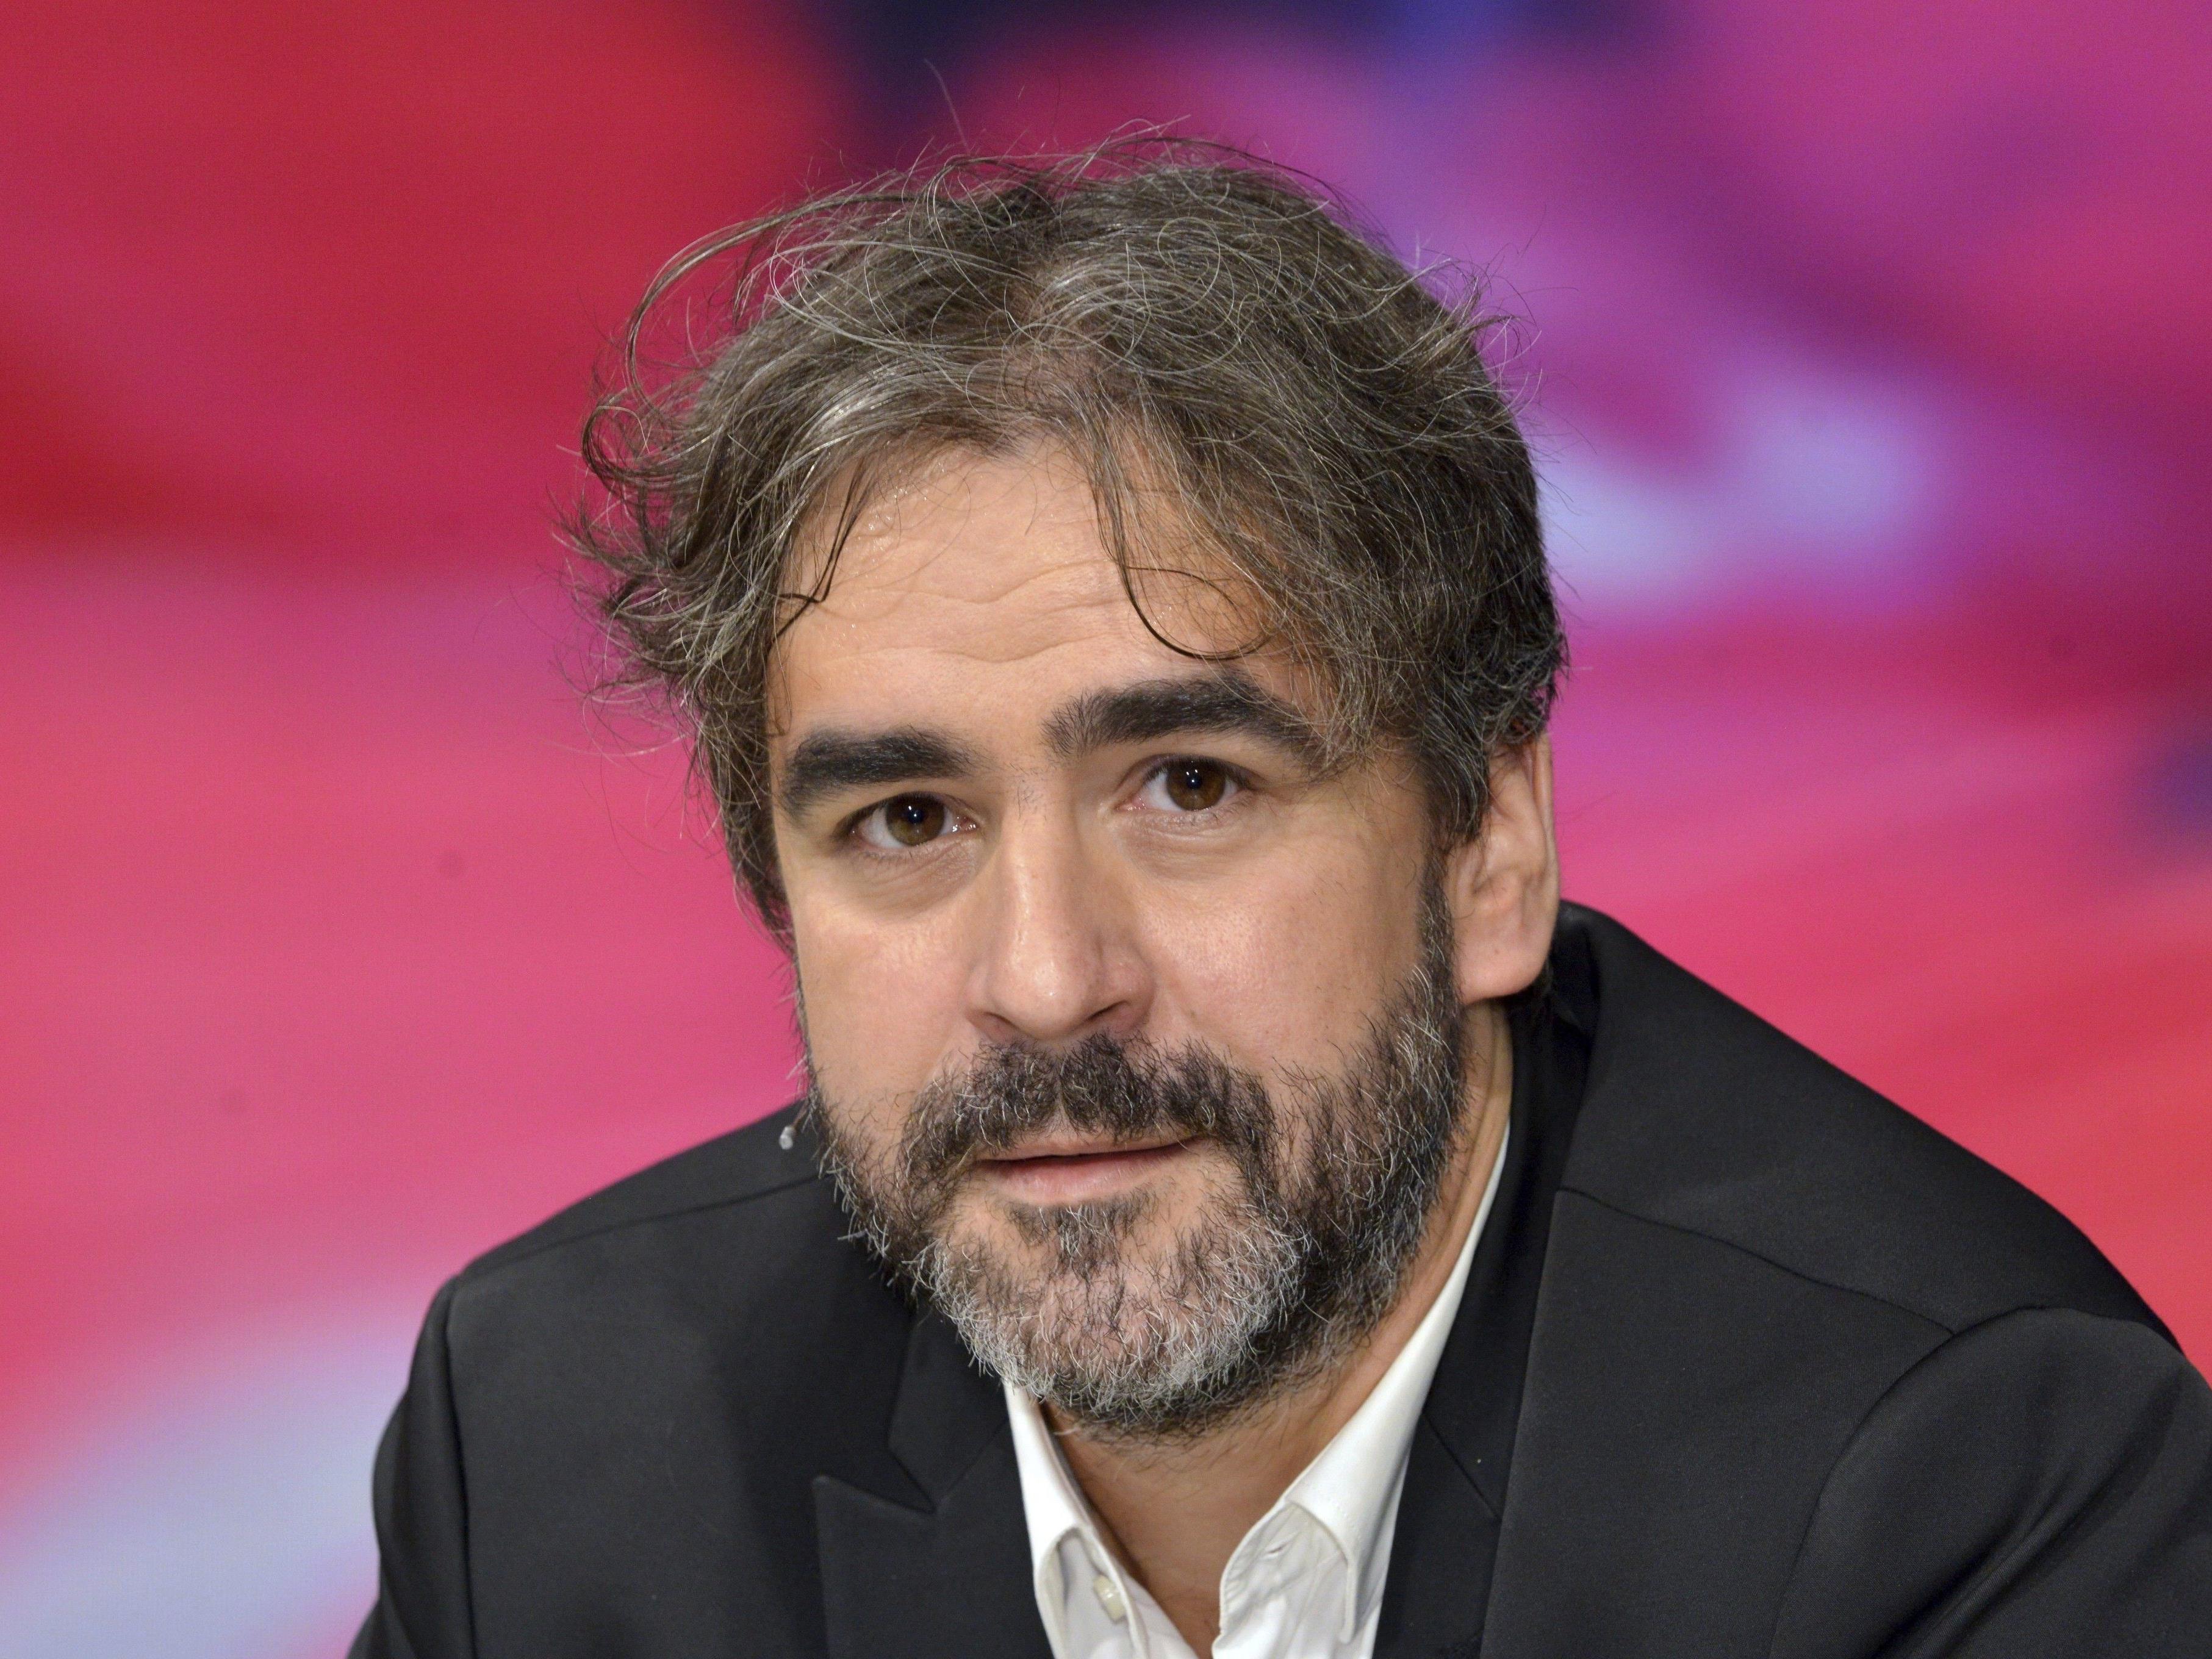 """Ein tükischer Haftrichter hat U-Haft für den deuscth-türkischen Korrespondenten der """"Welt"""", Deniz Yücel verhängt."""